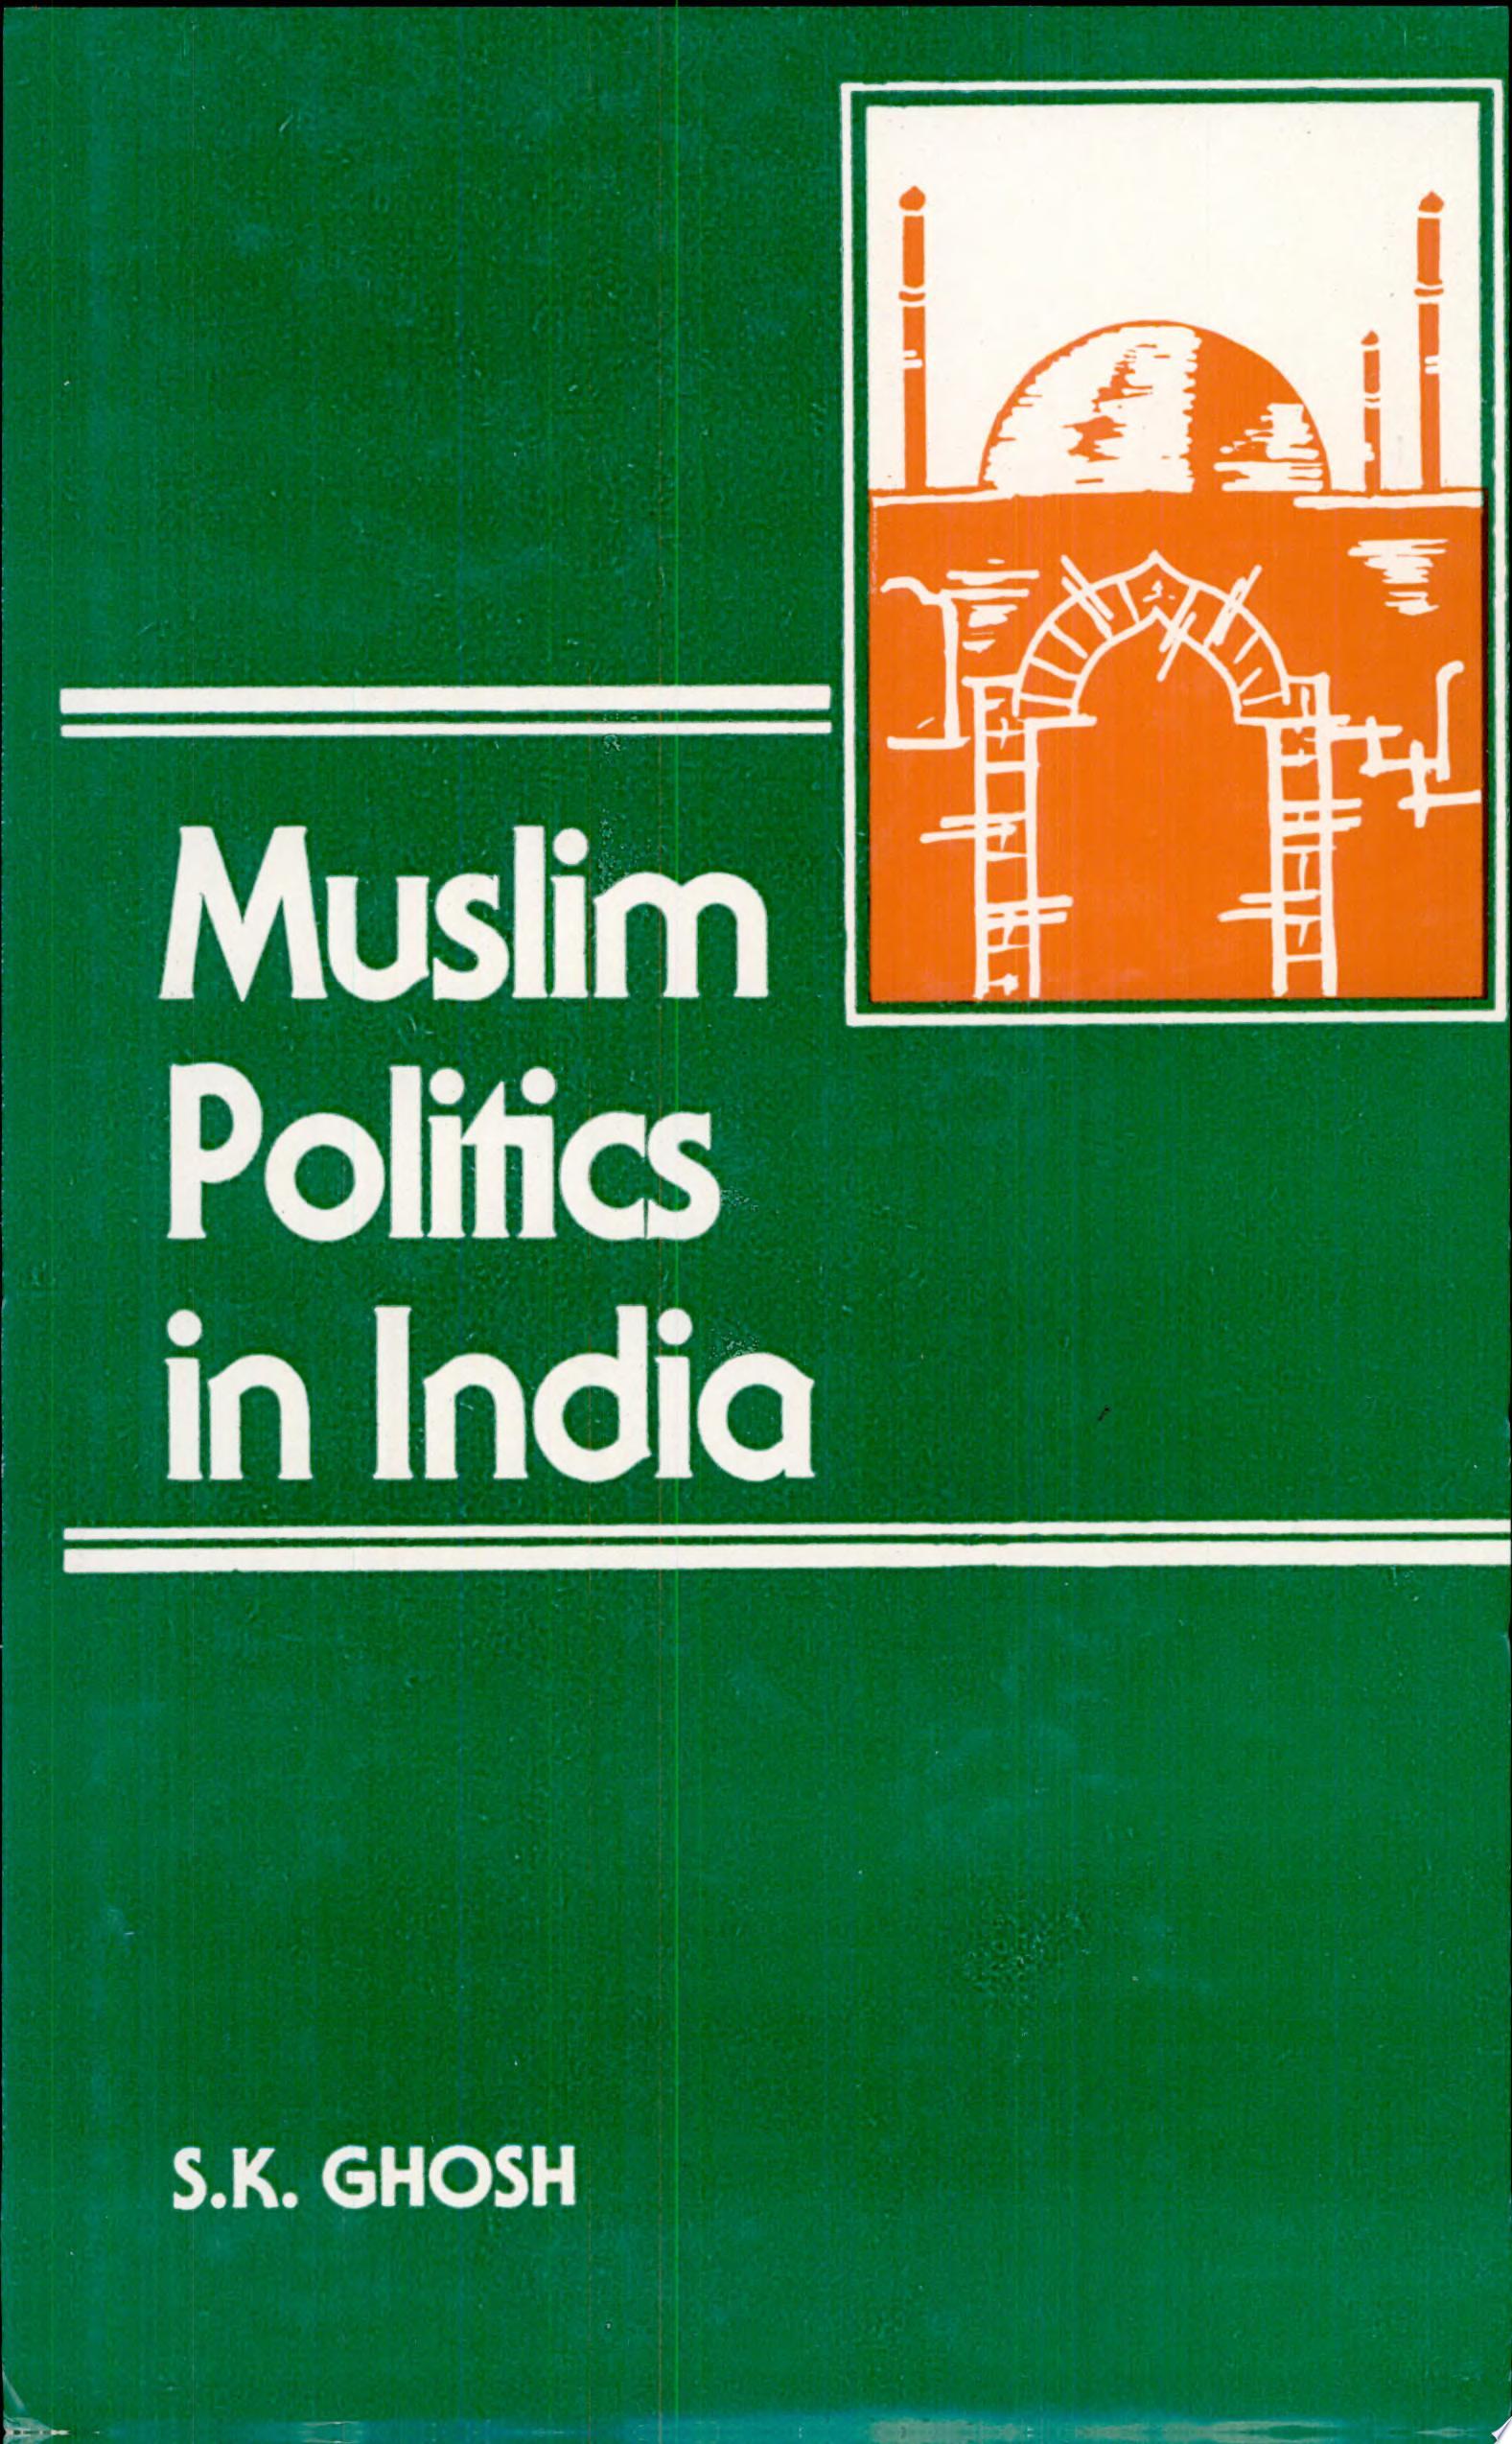 Muslim Politics in India